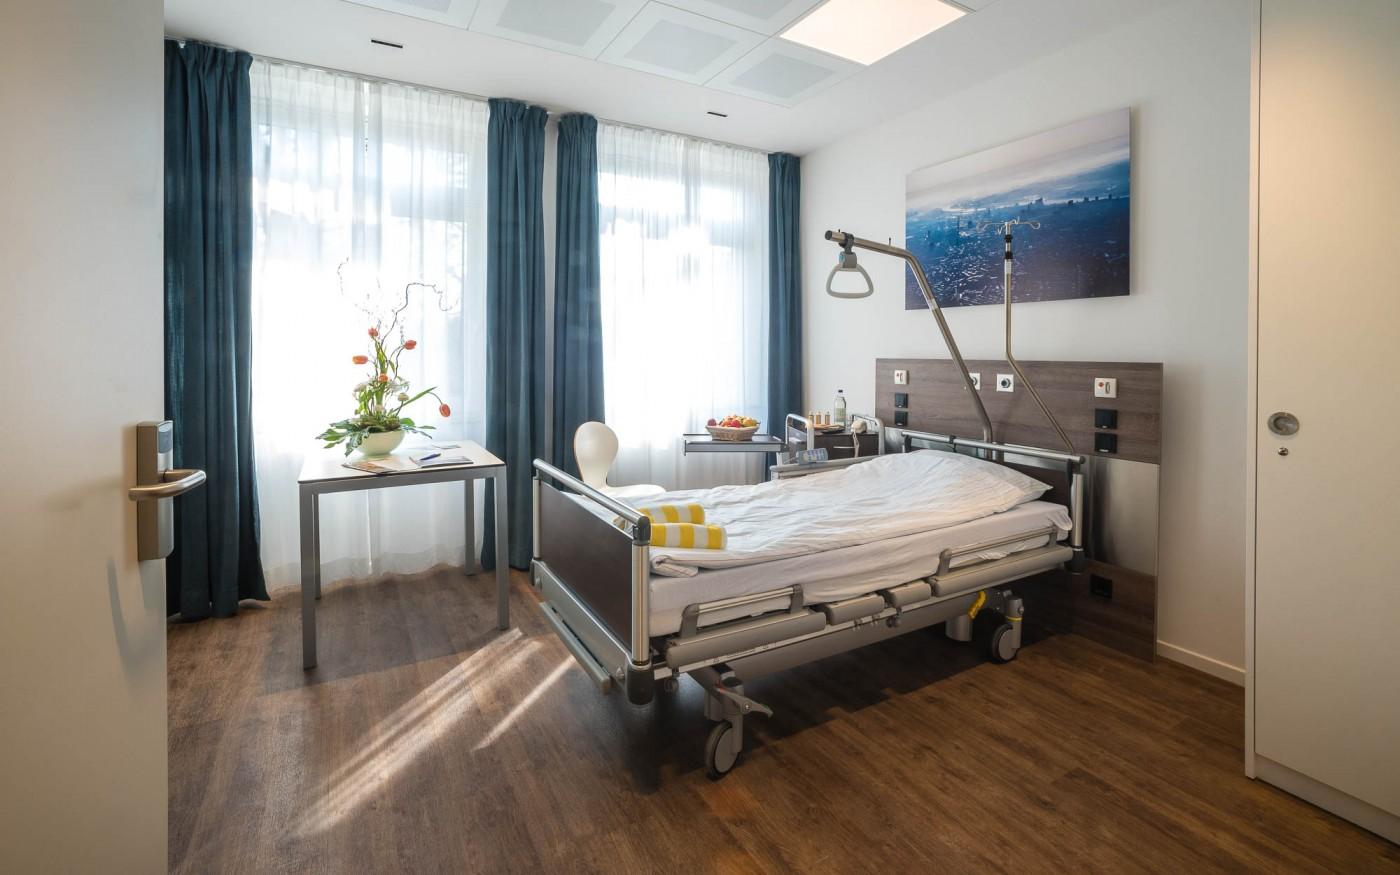 Privatstation Krankenhaus Jerusalem, Hamburg, 09.03.2016 | [© (c) Martin Zitzlaff, Hamburg, www.zitzlaff.com, Veroeffentlichung nur gegen Honorar (MFM) und Belegexemplar, mit Namensnennung]